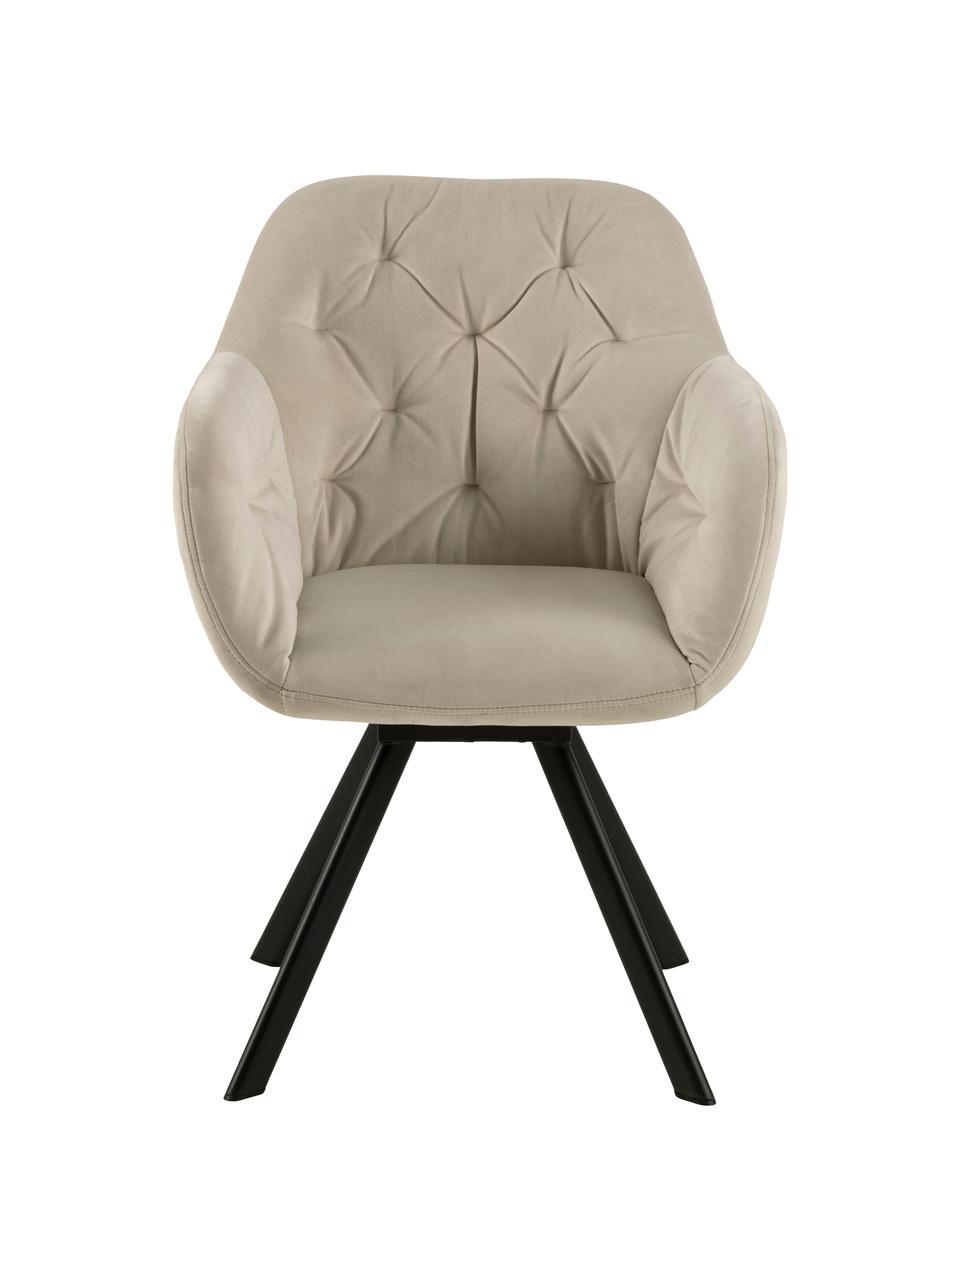 Sedia con braccioli girevole in velluto Lucie, Rivestimento: velluto di poliestere Con, Gambe: metallo verniciato, Beige, Larg. 58 x Prof. 62 cm